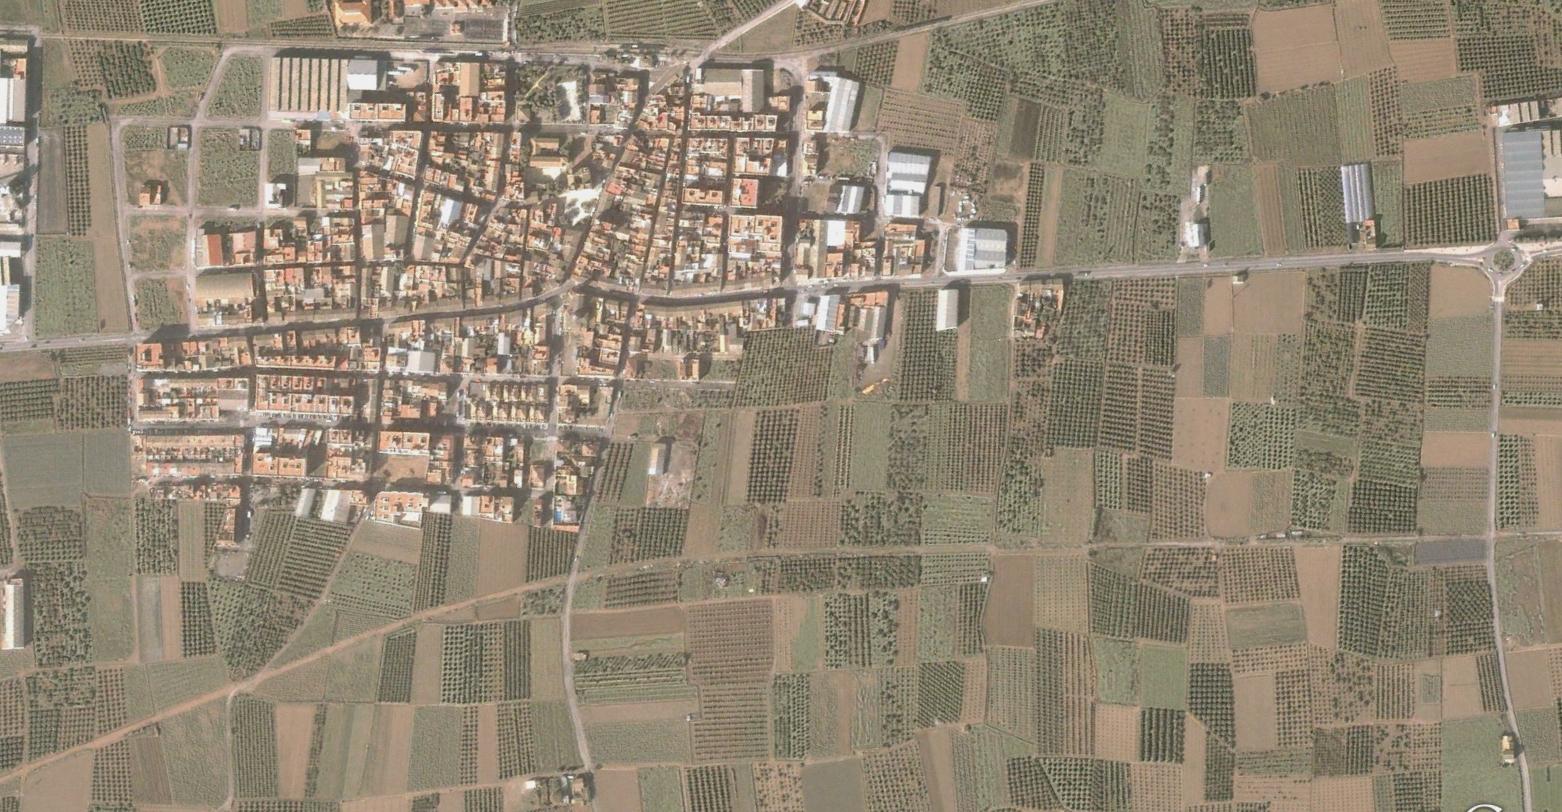 albalat dels sorells, valencia, jordi albalat, antes, urbanismo, planeamiento, urbano, desastre, urbanístico, construcción